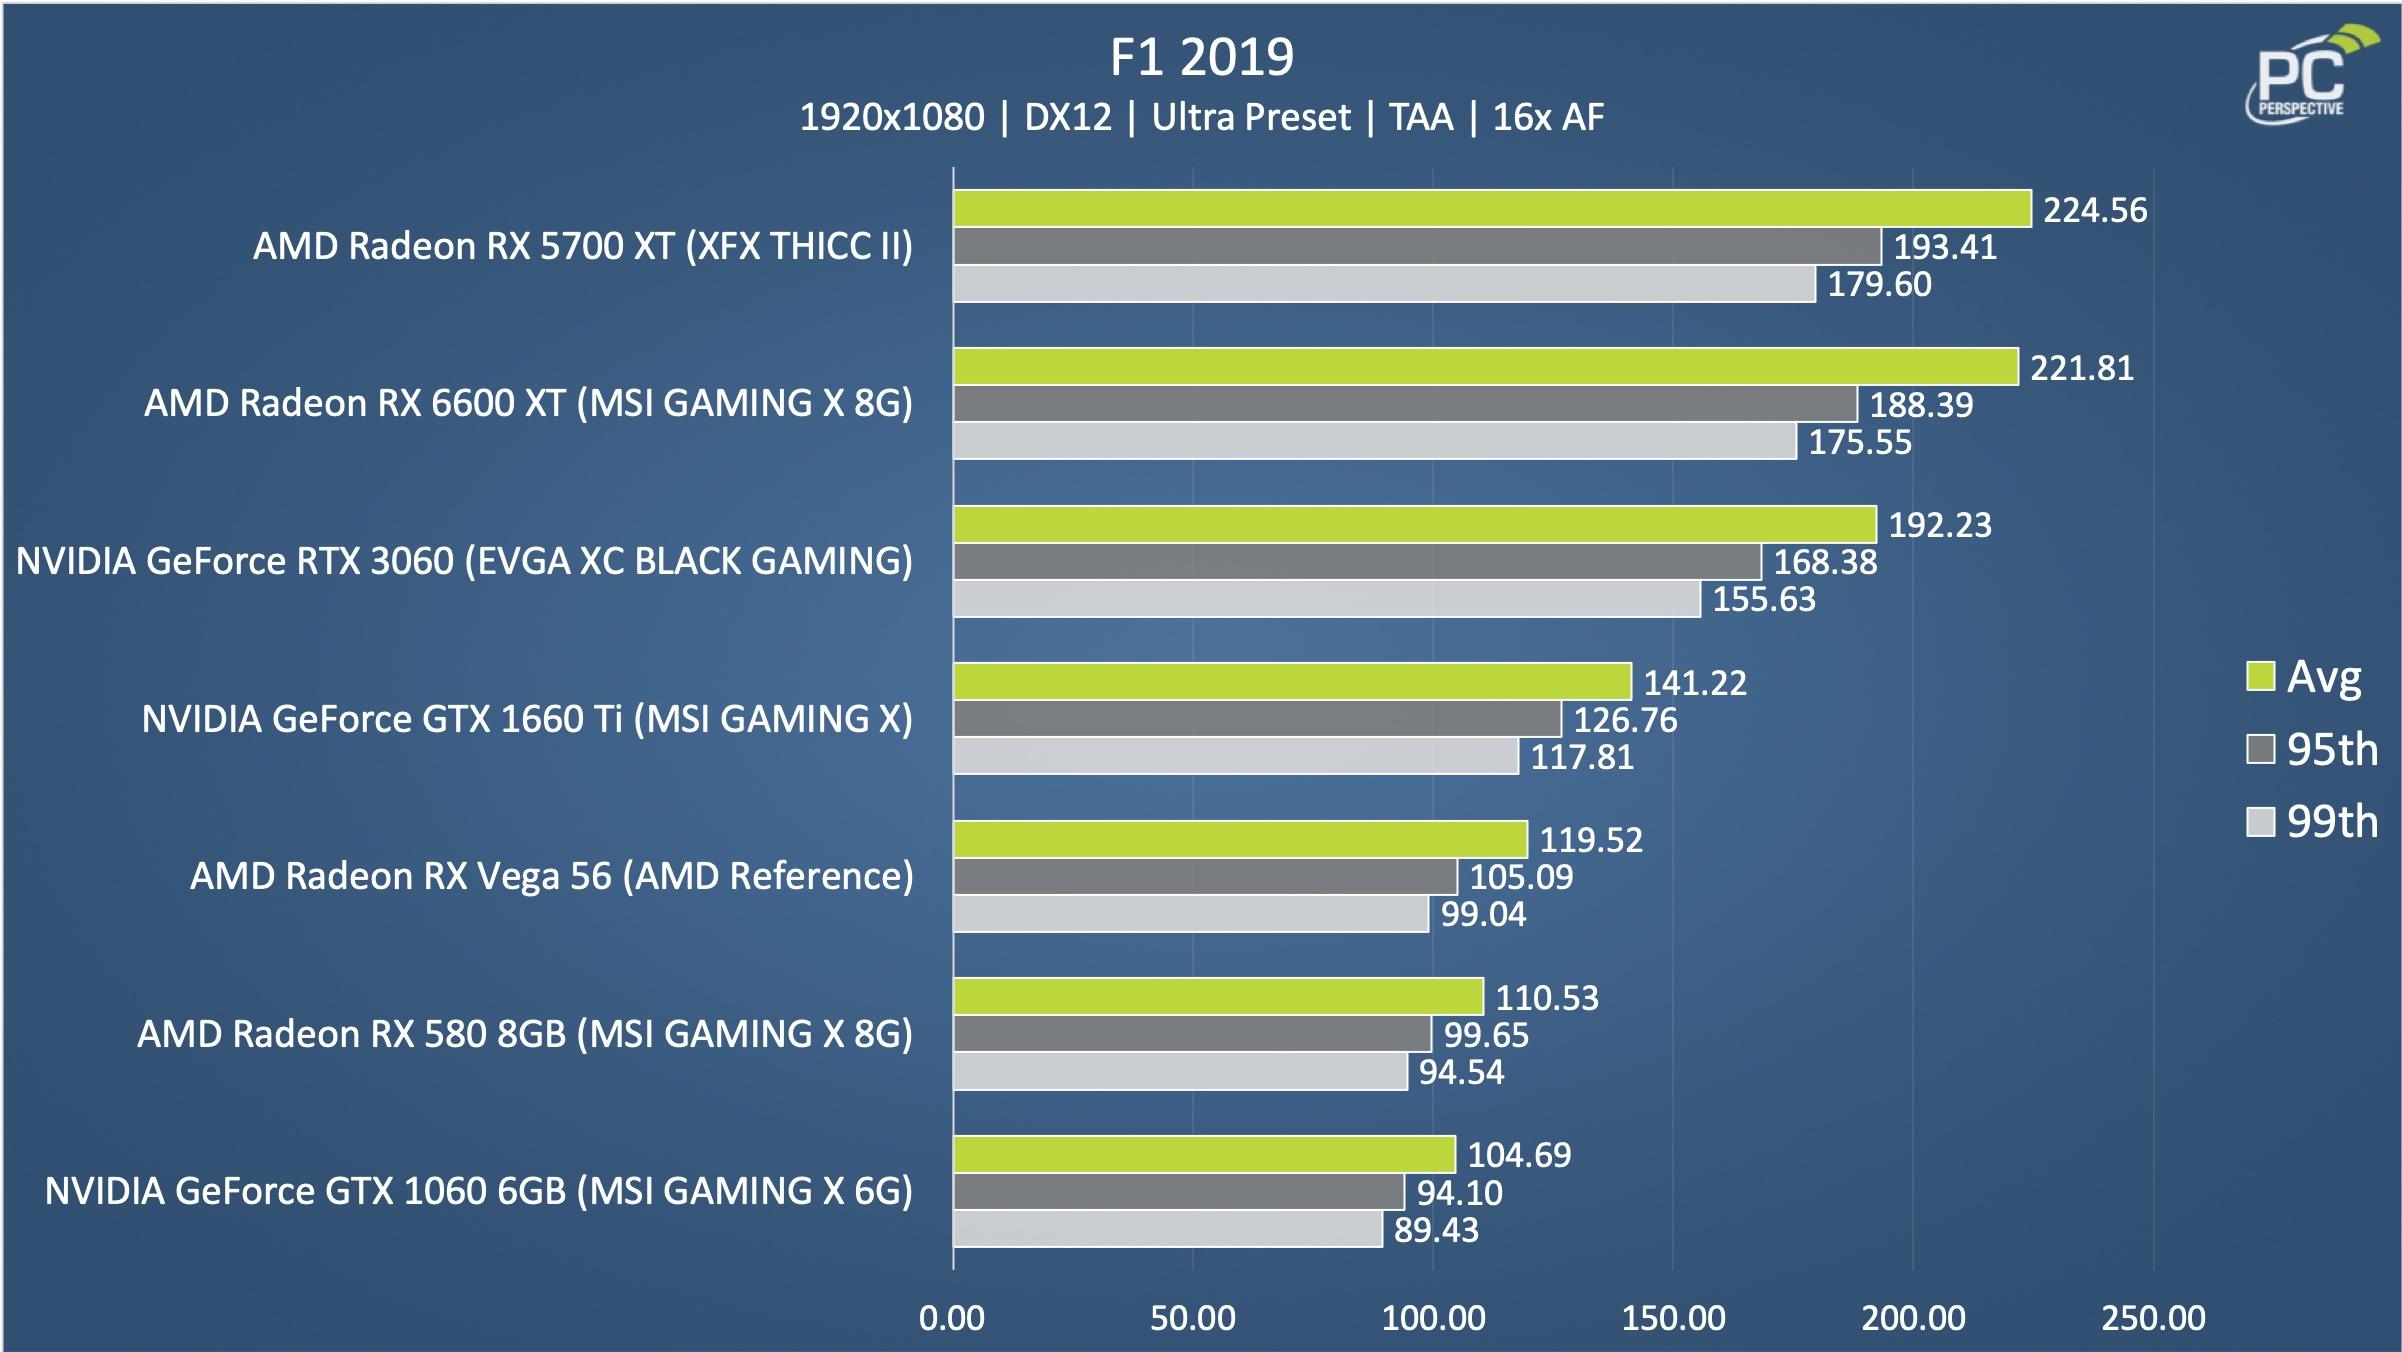 AMD Radeon RX 6600 XT MSI F1 2019